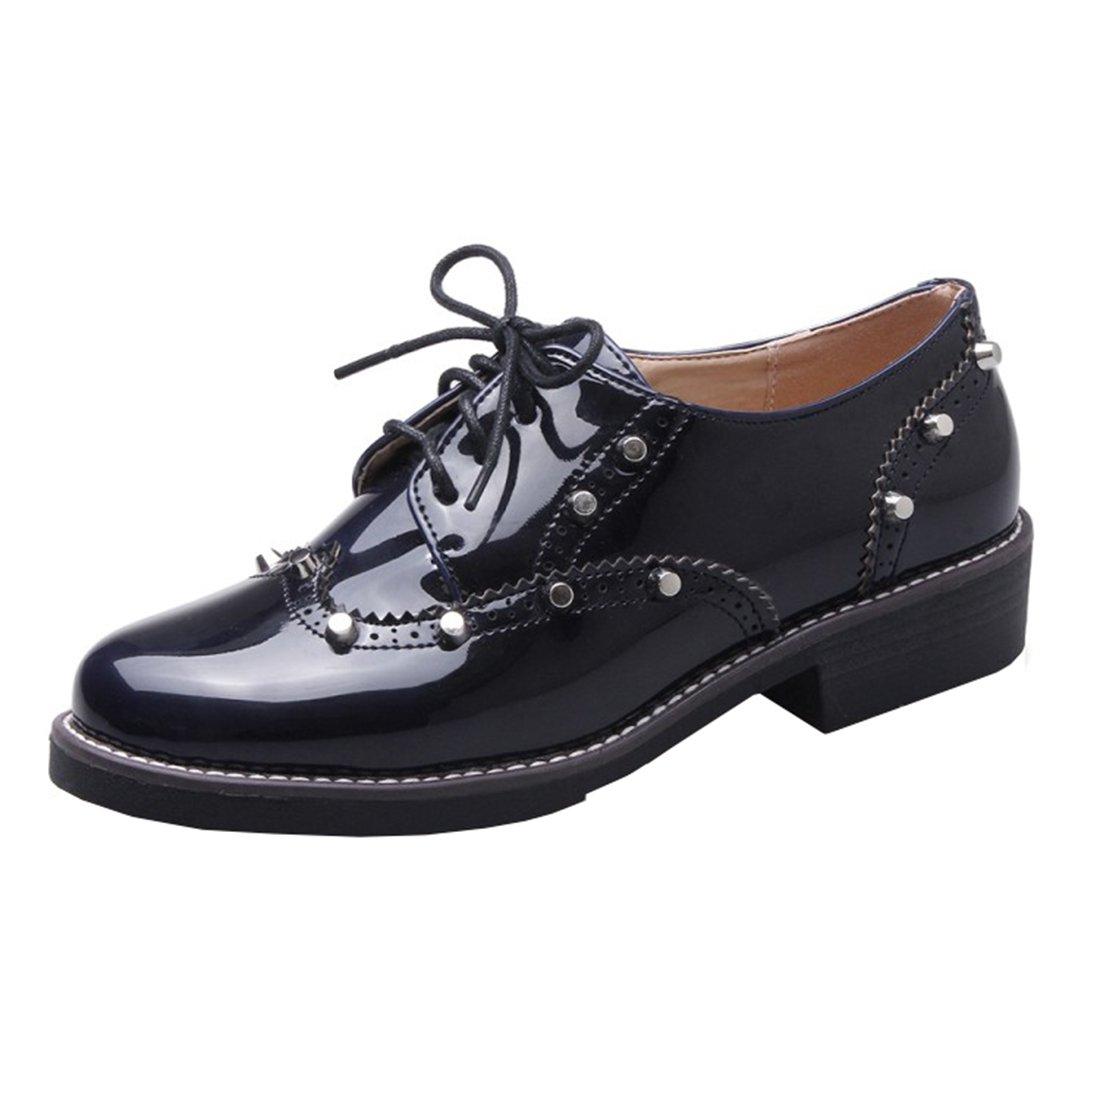 UH Bequeme Damen Flache Heels Lack Pumps mit Schnuuml;rung und Nieten Freizeit Vintage Schuhe40 EU|Blau